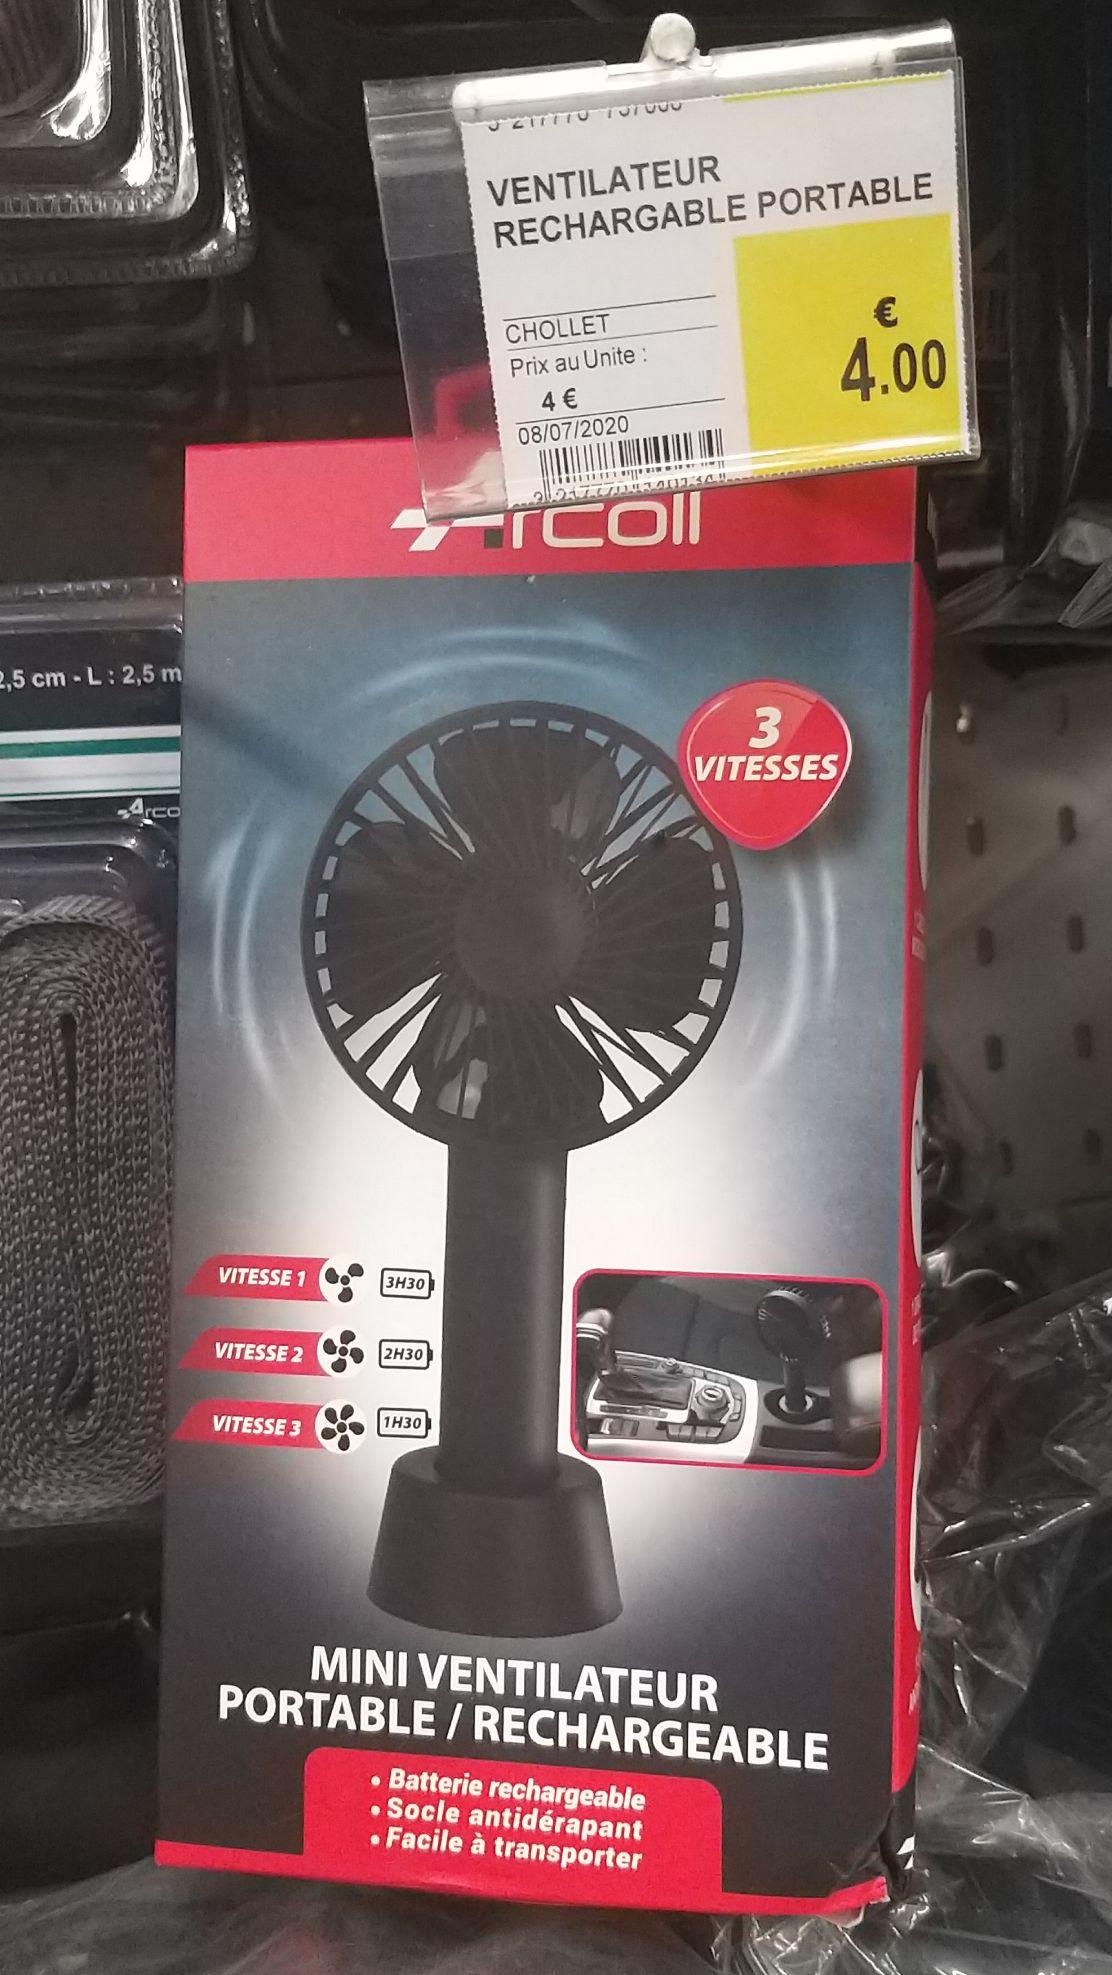 Ventilateur portable rechargeable Arcoll - Saint Priest en Jarez (42)